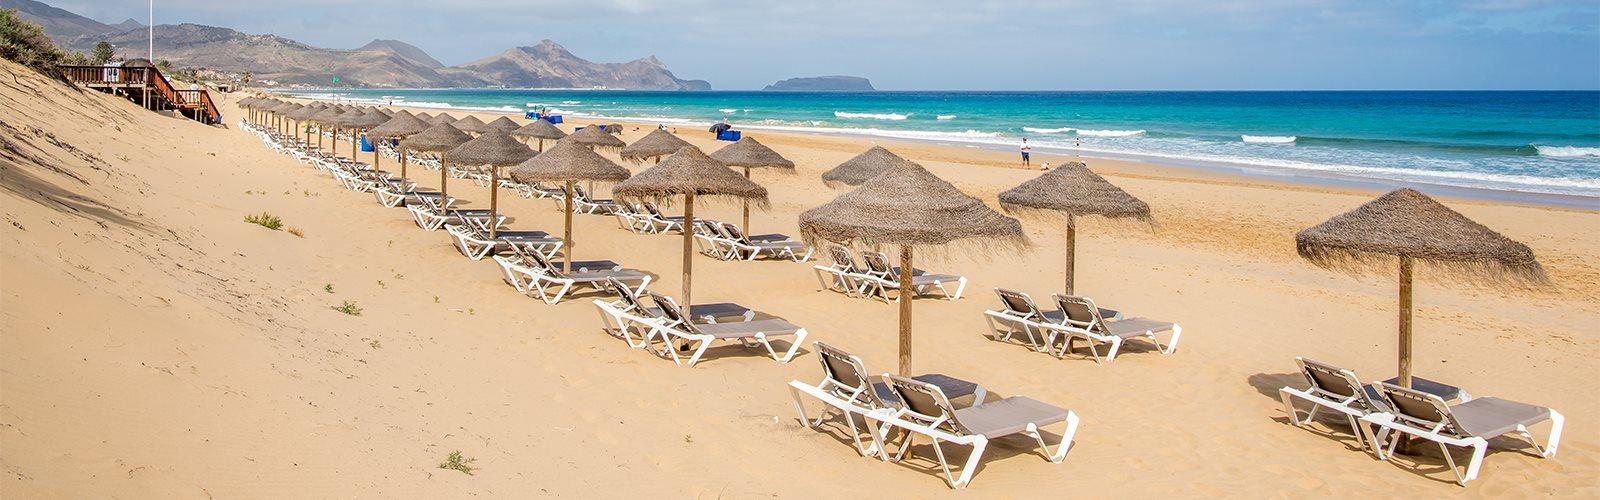 Sandstrand am Meer auf Porto Santo mit Liegen und Sonnenschirmen